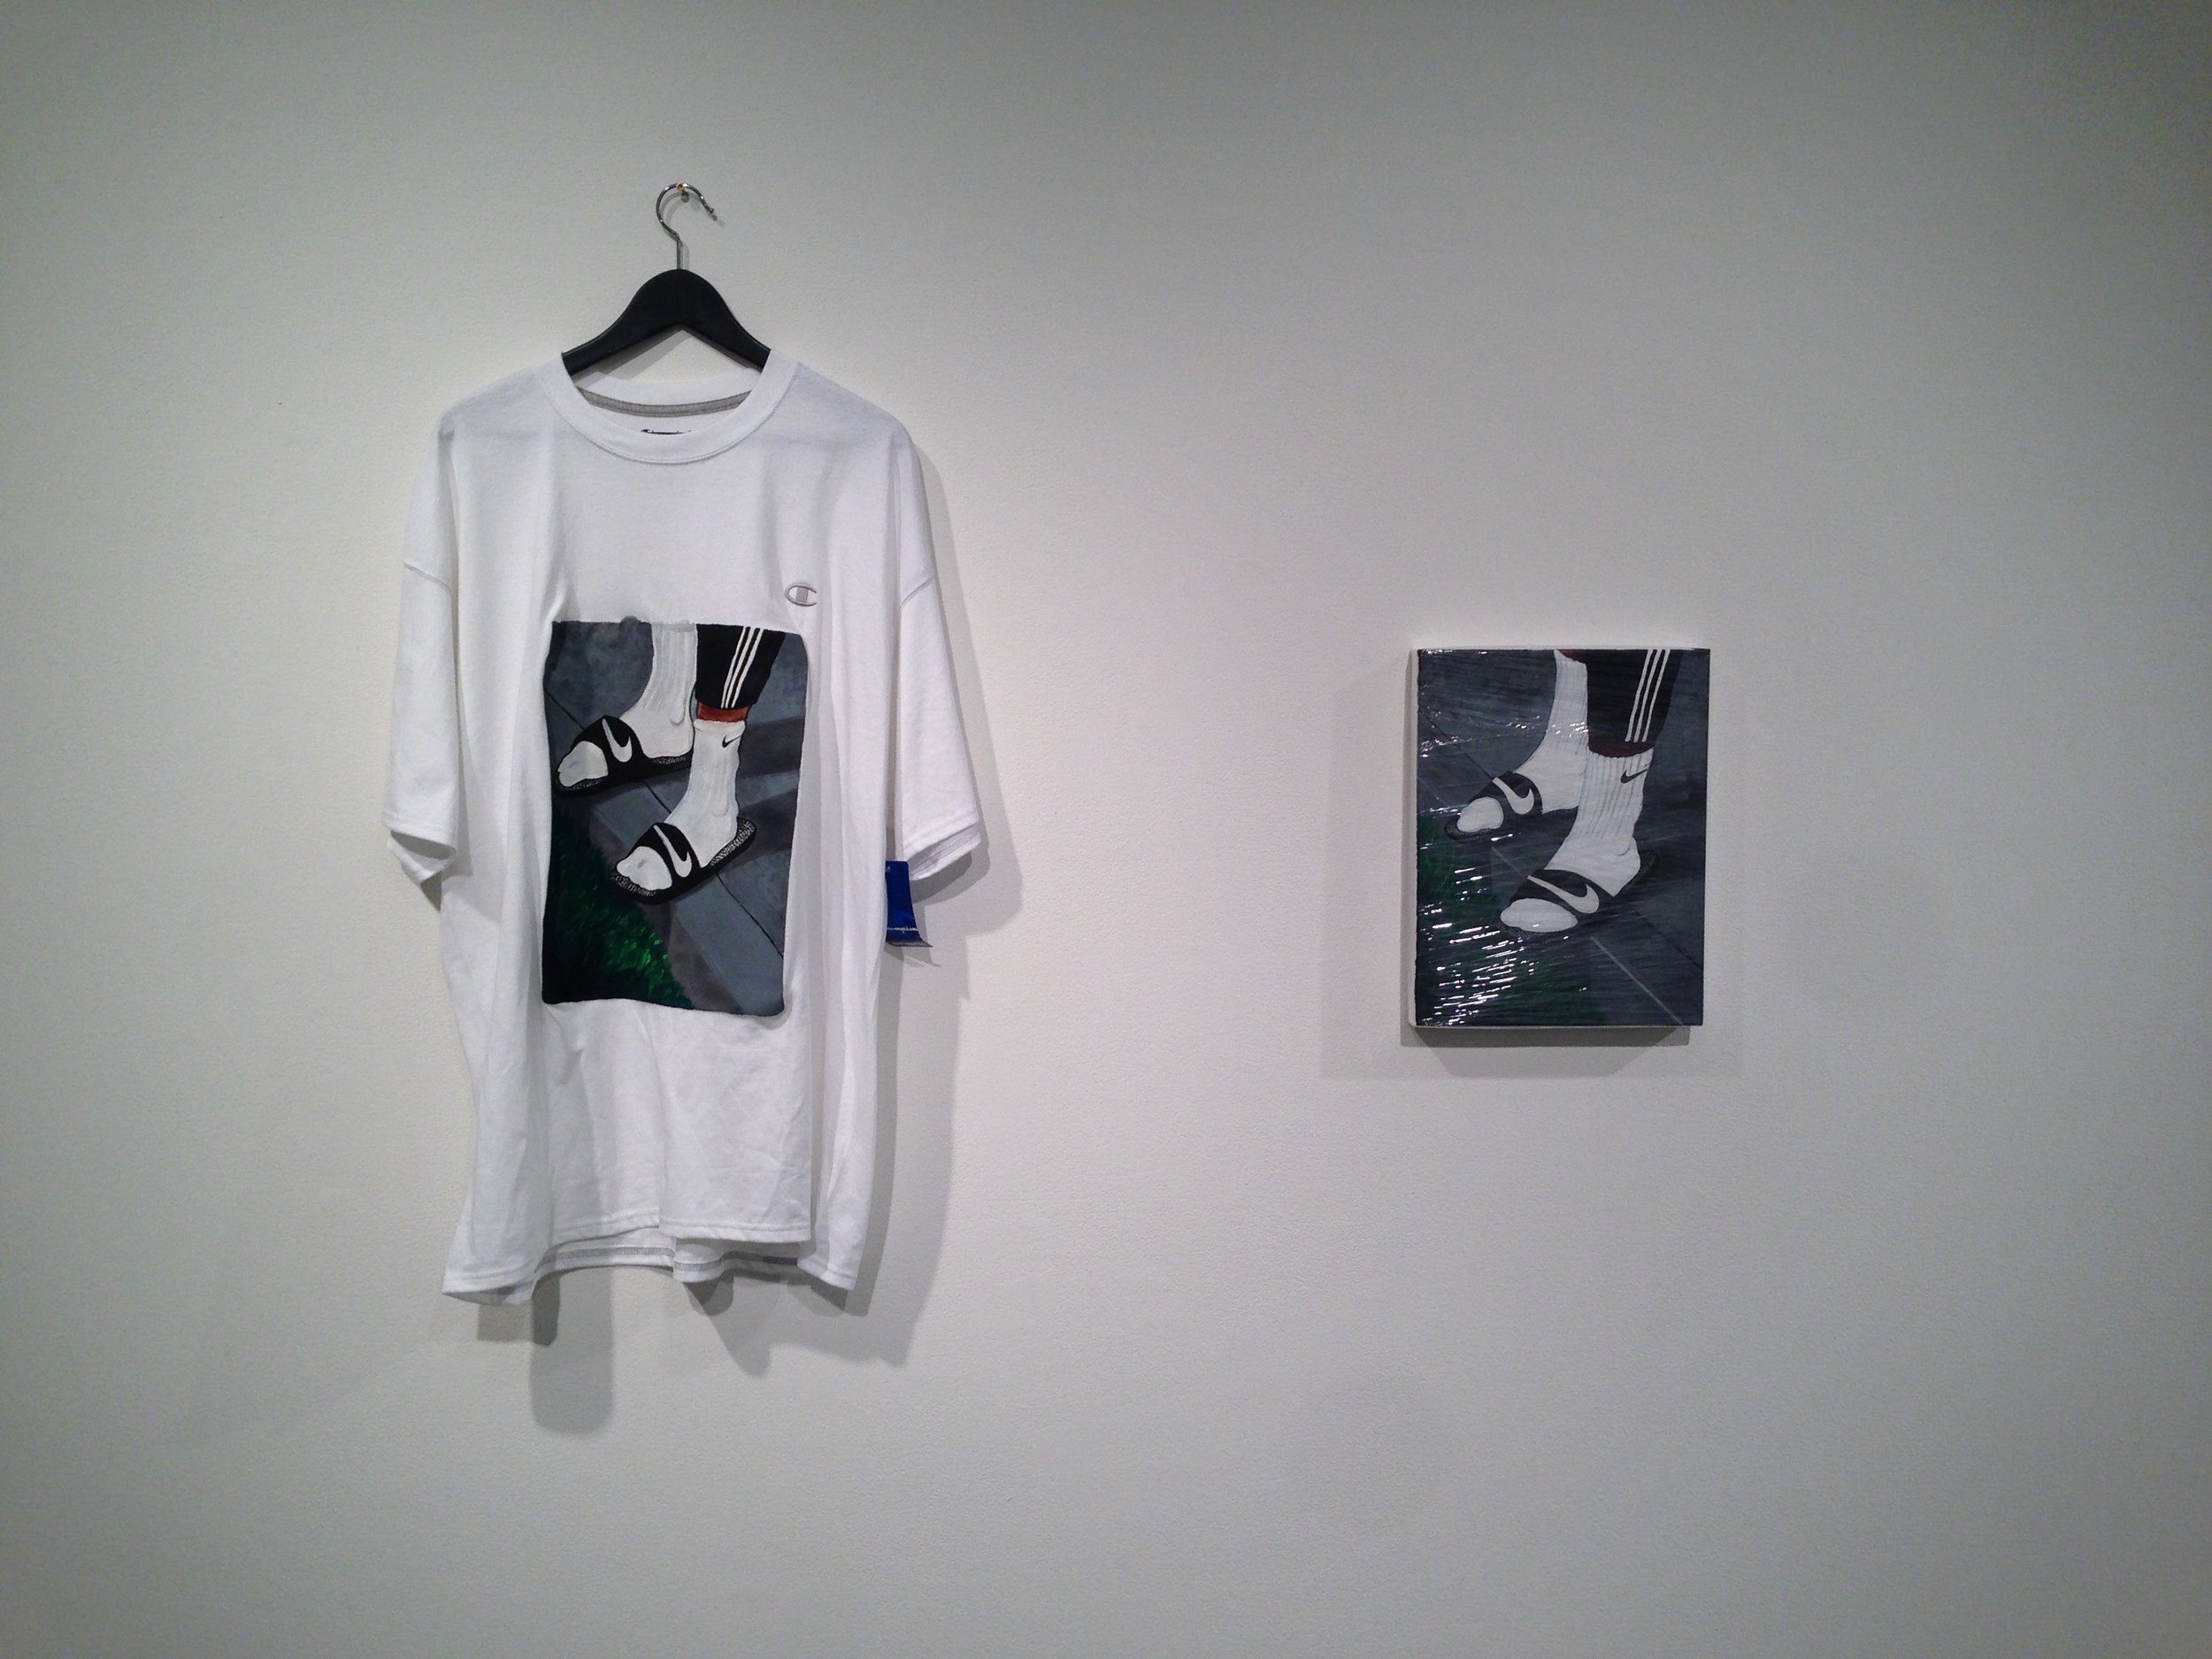 (The Precipice T/ The Precipice) Siri West installation 2014